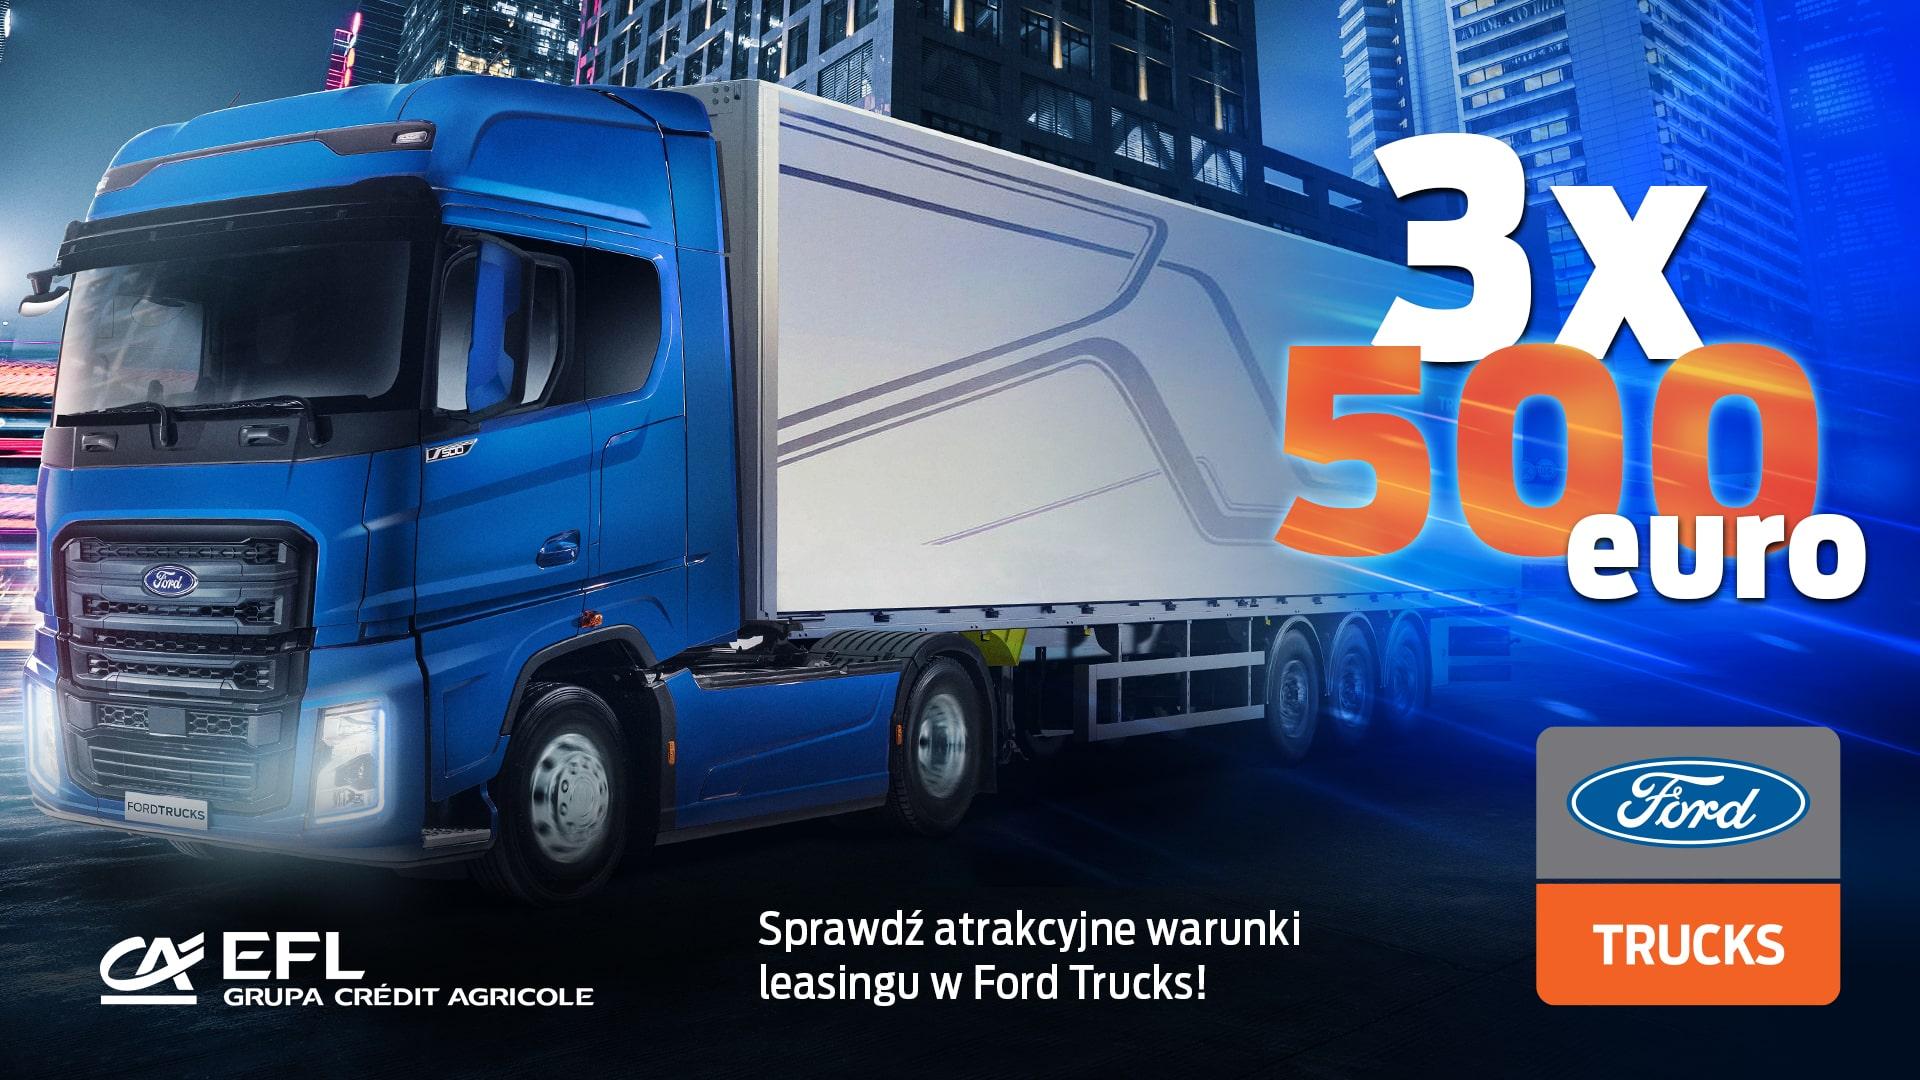 ford_trucks_3x500euro_1920x1080-min.jpg